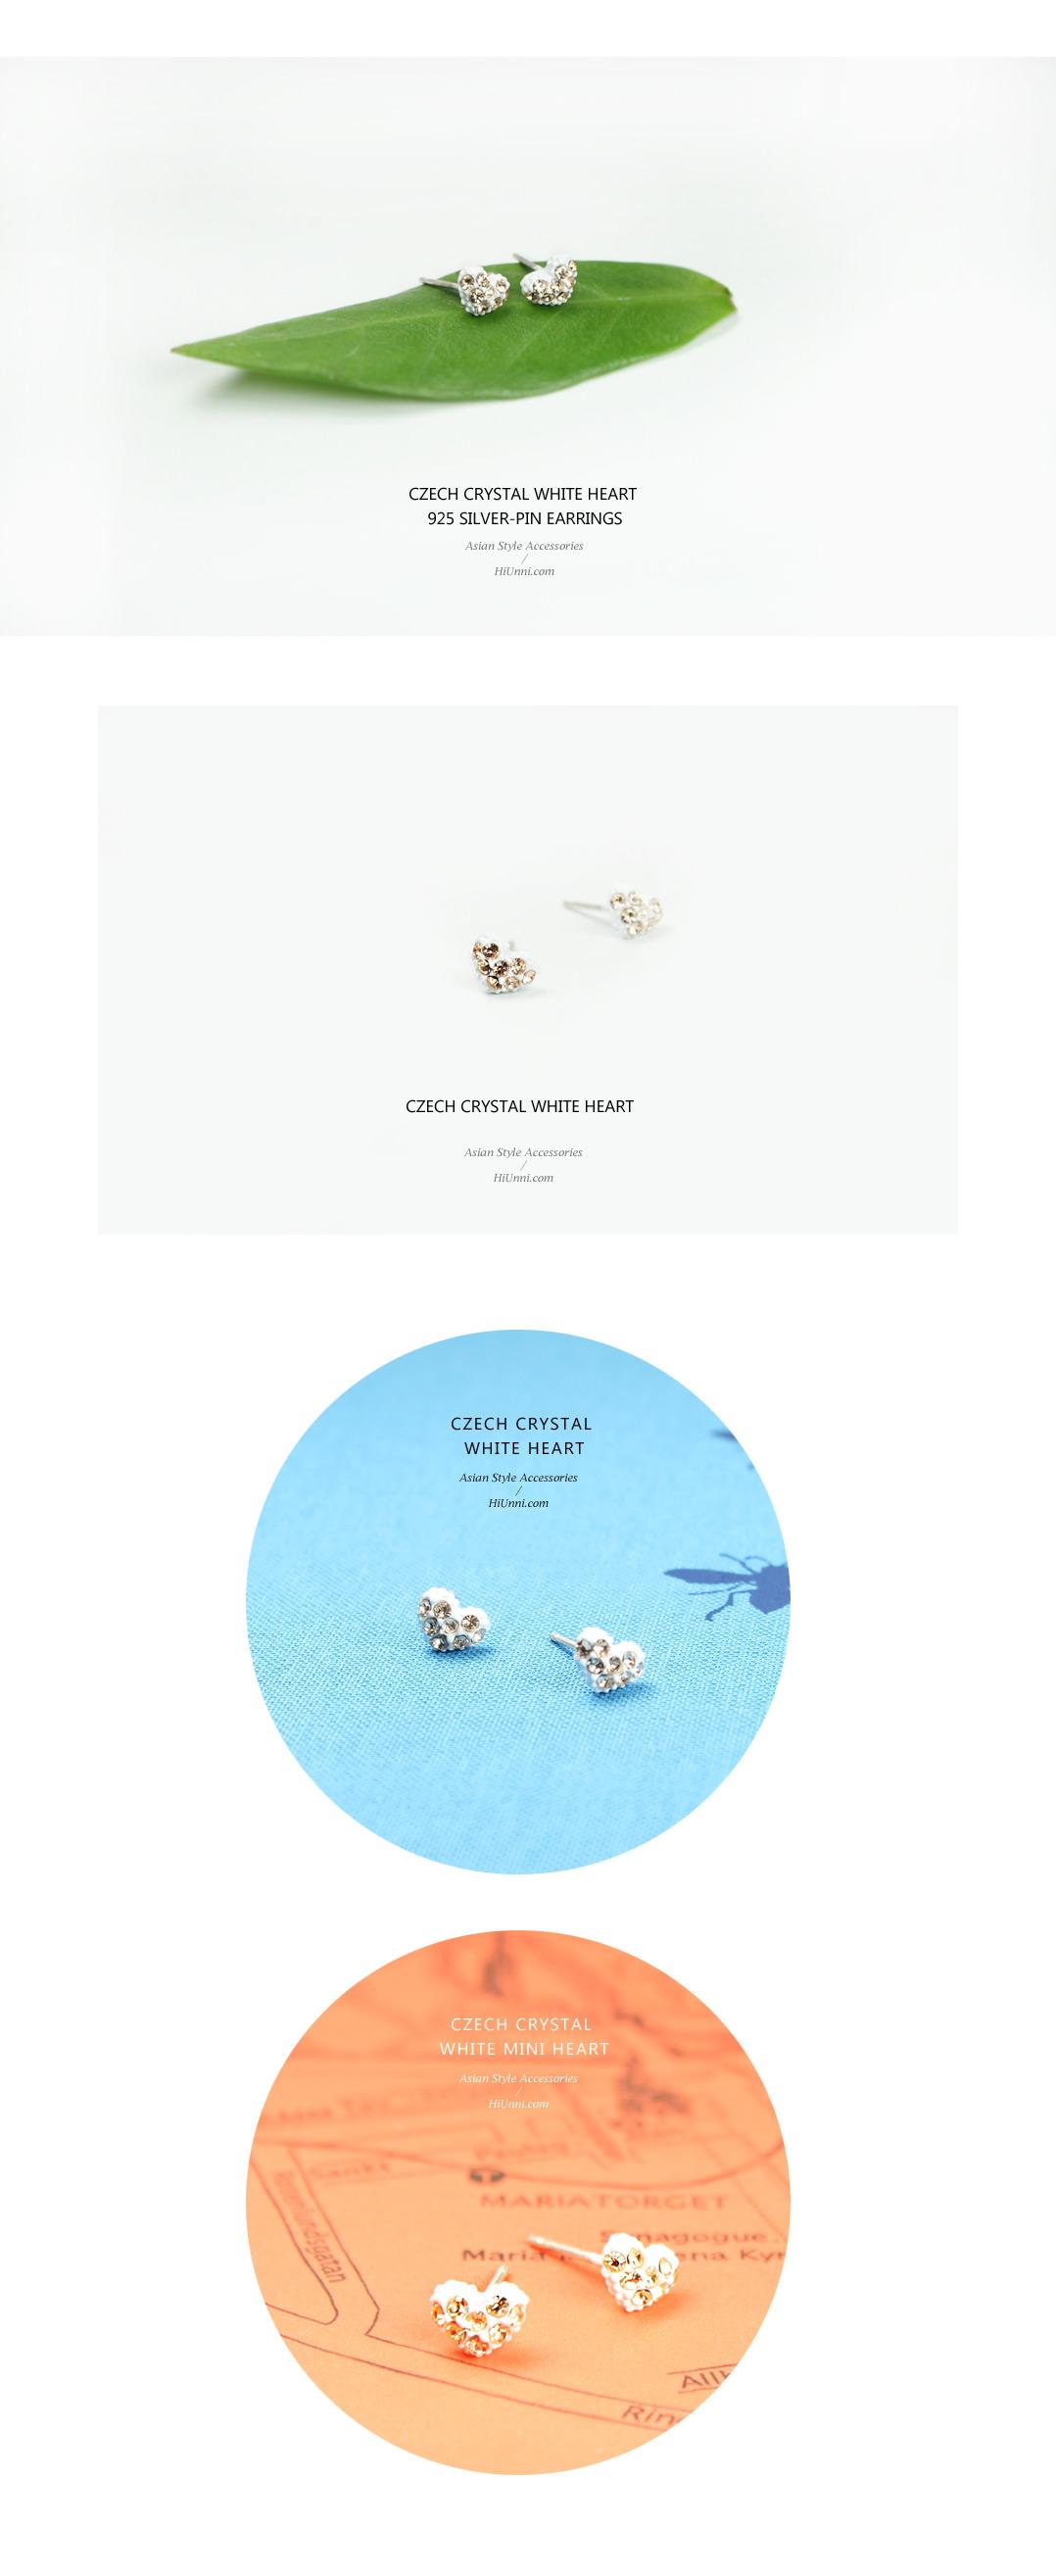 accessories_ear_stud_earrings_korean_asian-style_Crystal_Rhinestone_Czech_925-silver_Nickel-Free_heart_love_white_Champagne_1